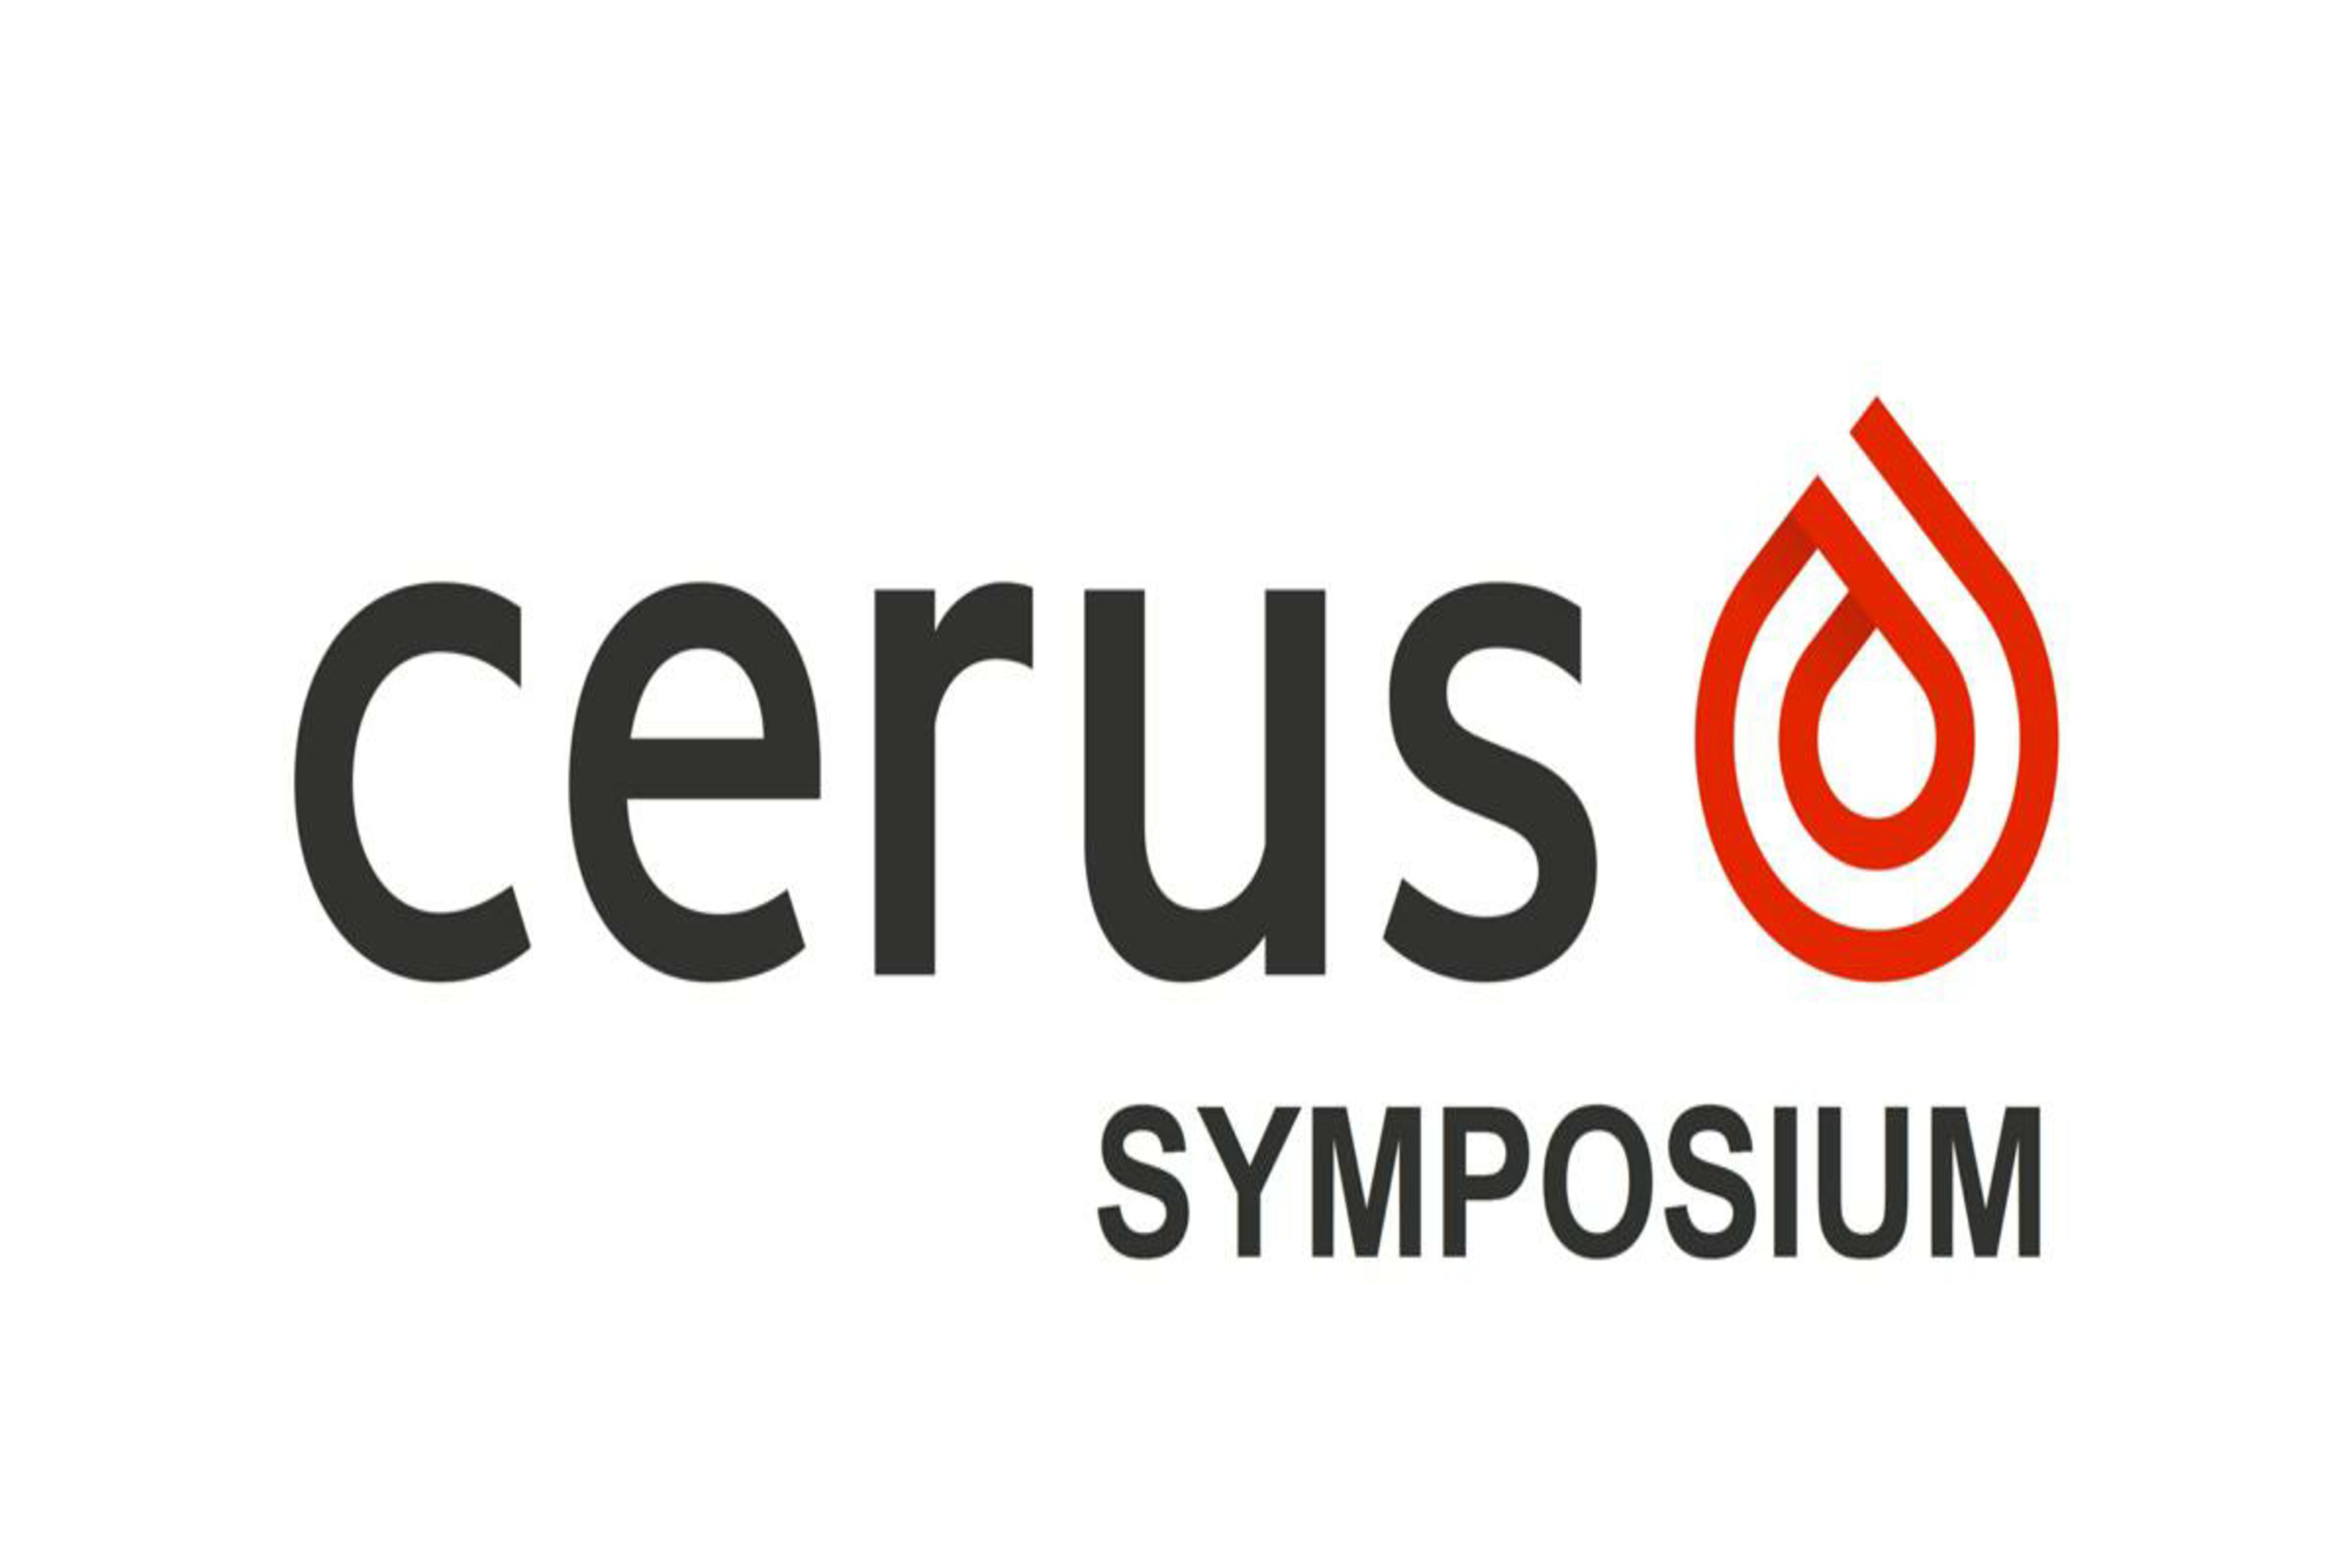 Cerus Symposium 4500_3000